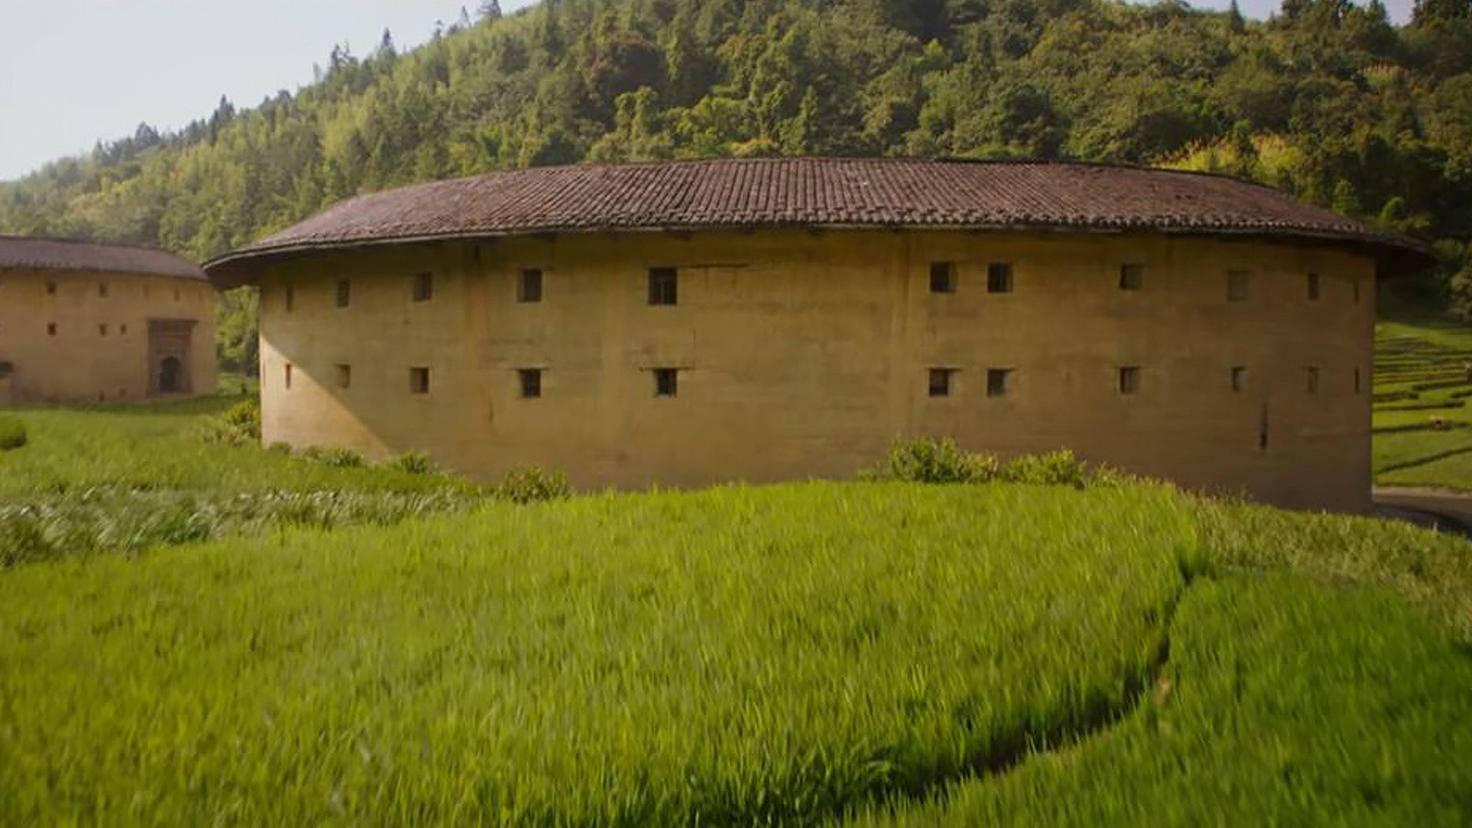 Tulous werden traditionell von der Volksgruppe der Hakka in der chinesischen Provinz Fujian bewohnt.